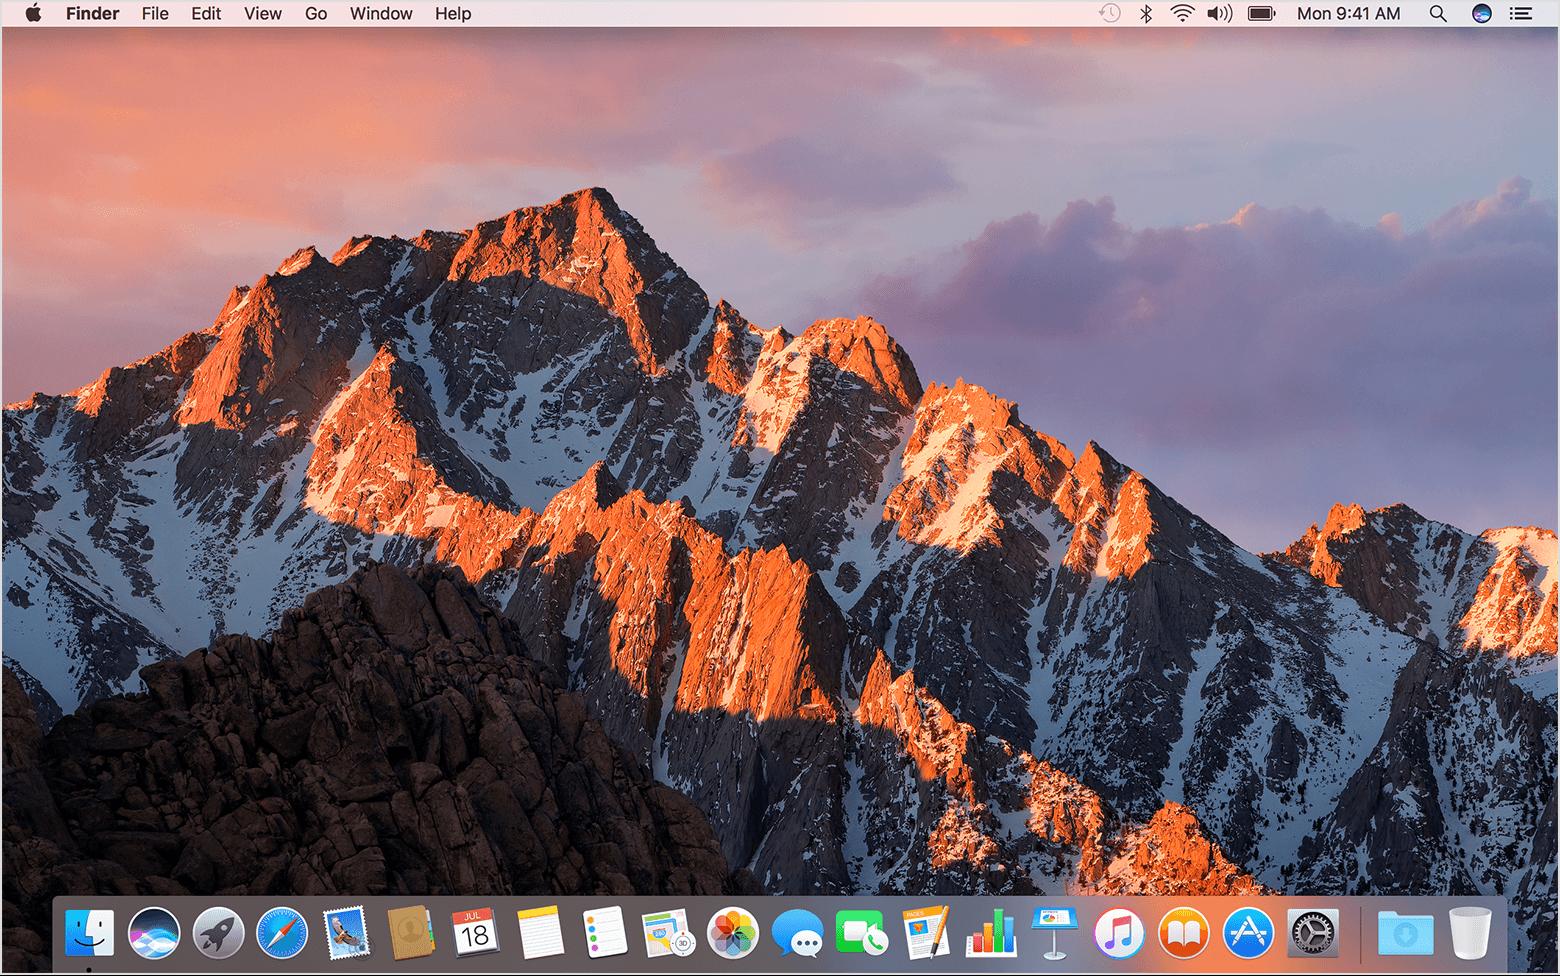 La unificación de apps entre iOS y macOS podría empezar el próximo año